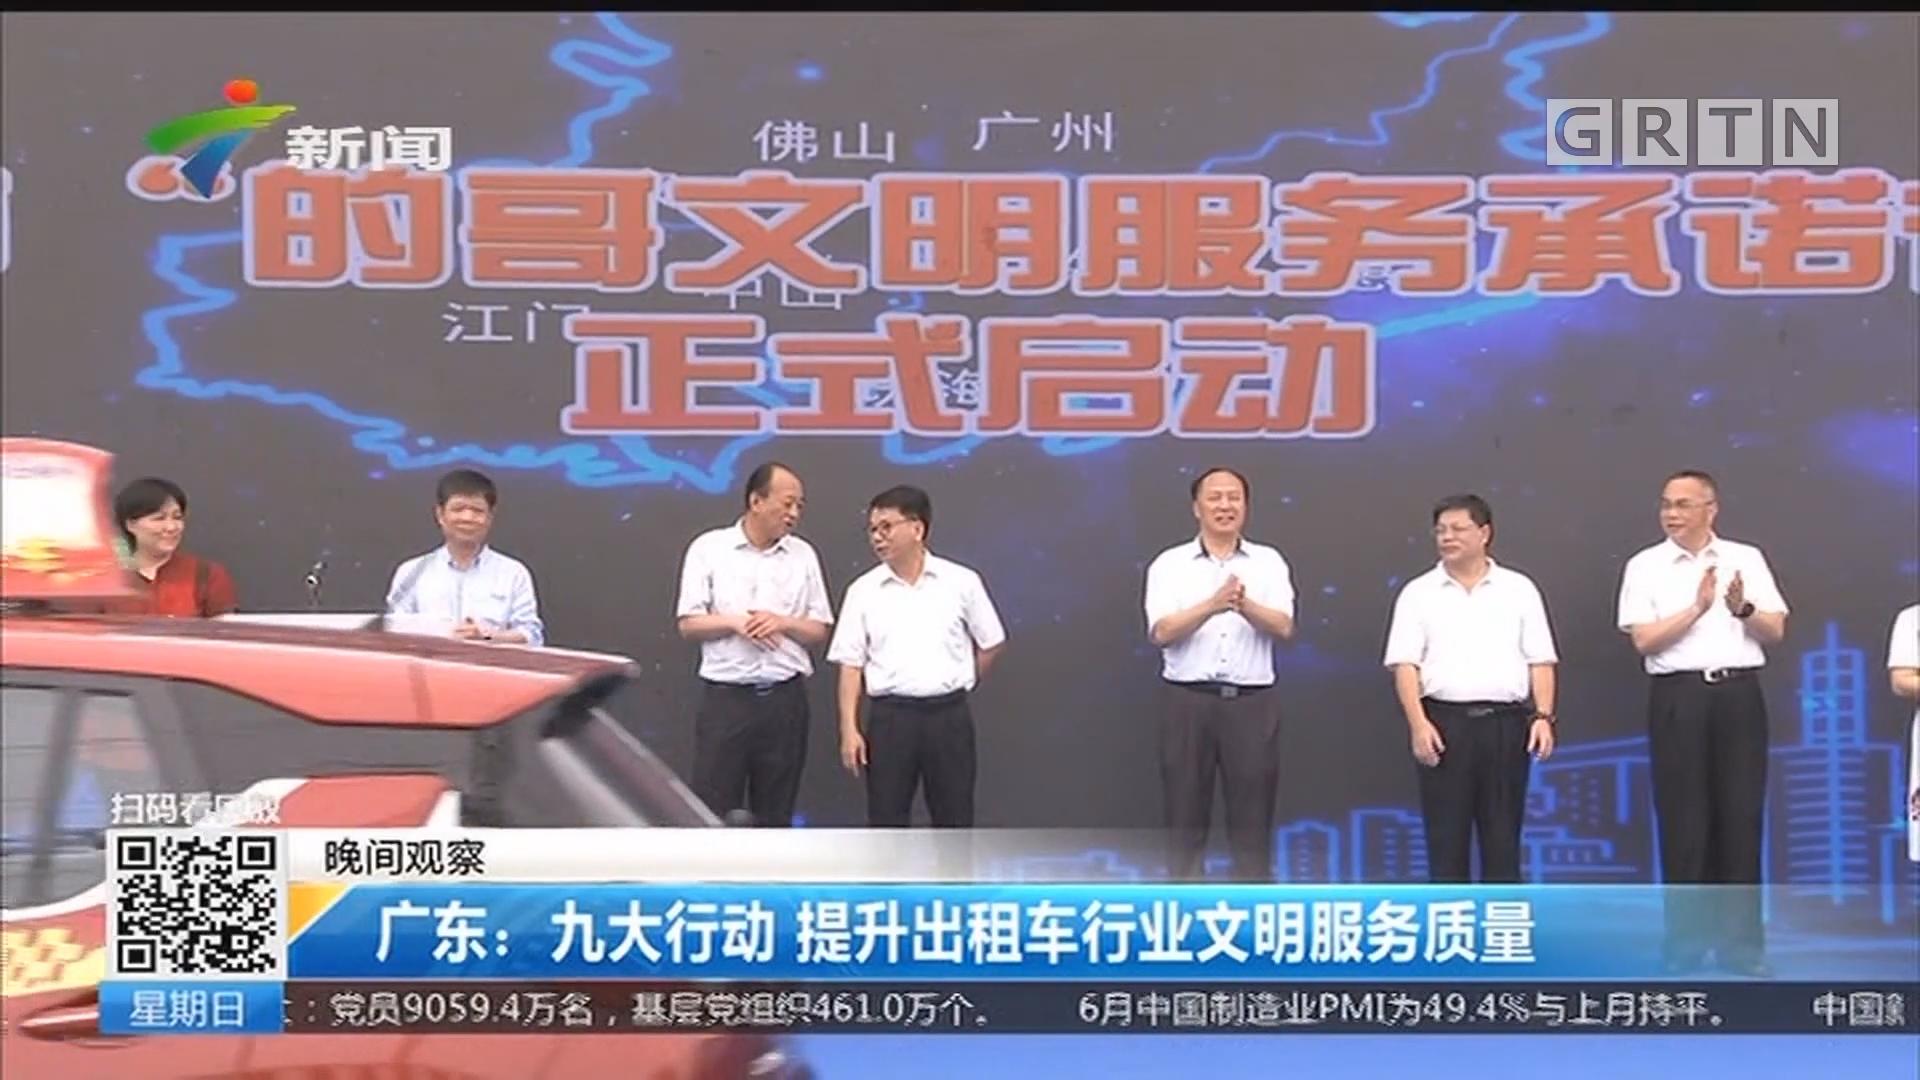 广东:九大行动 提升出租车行业文明服务质量